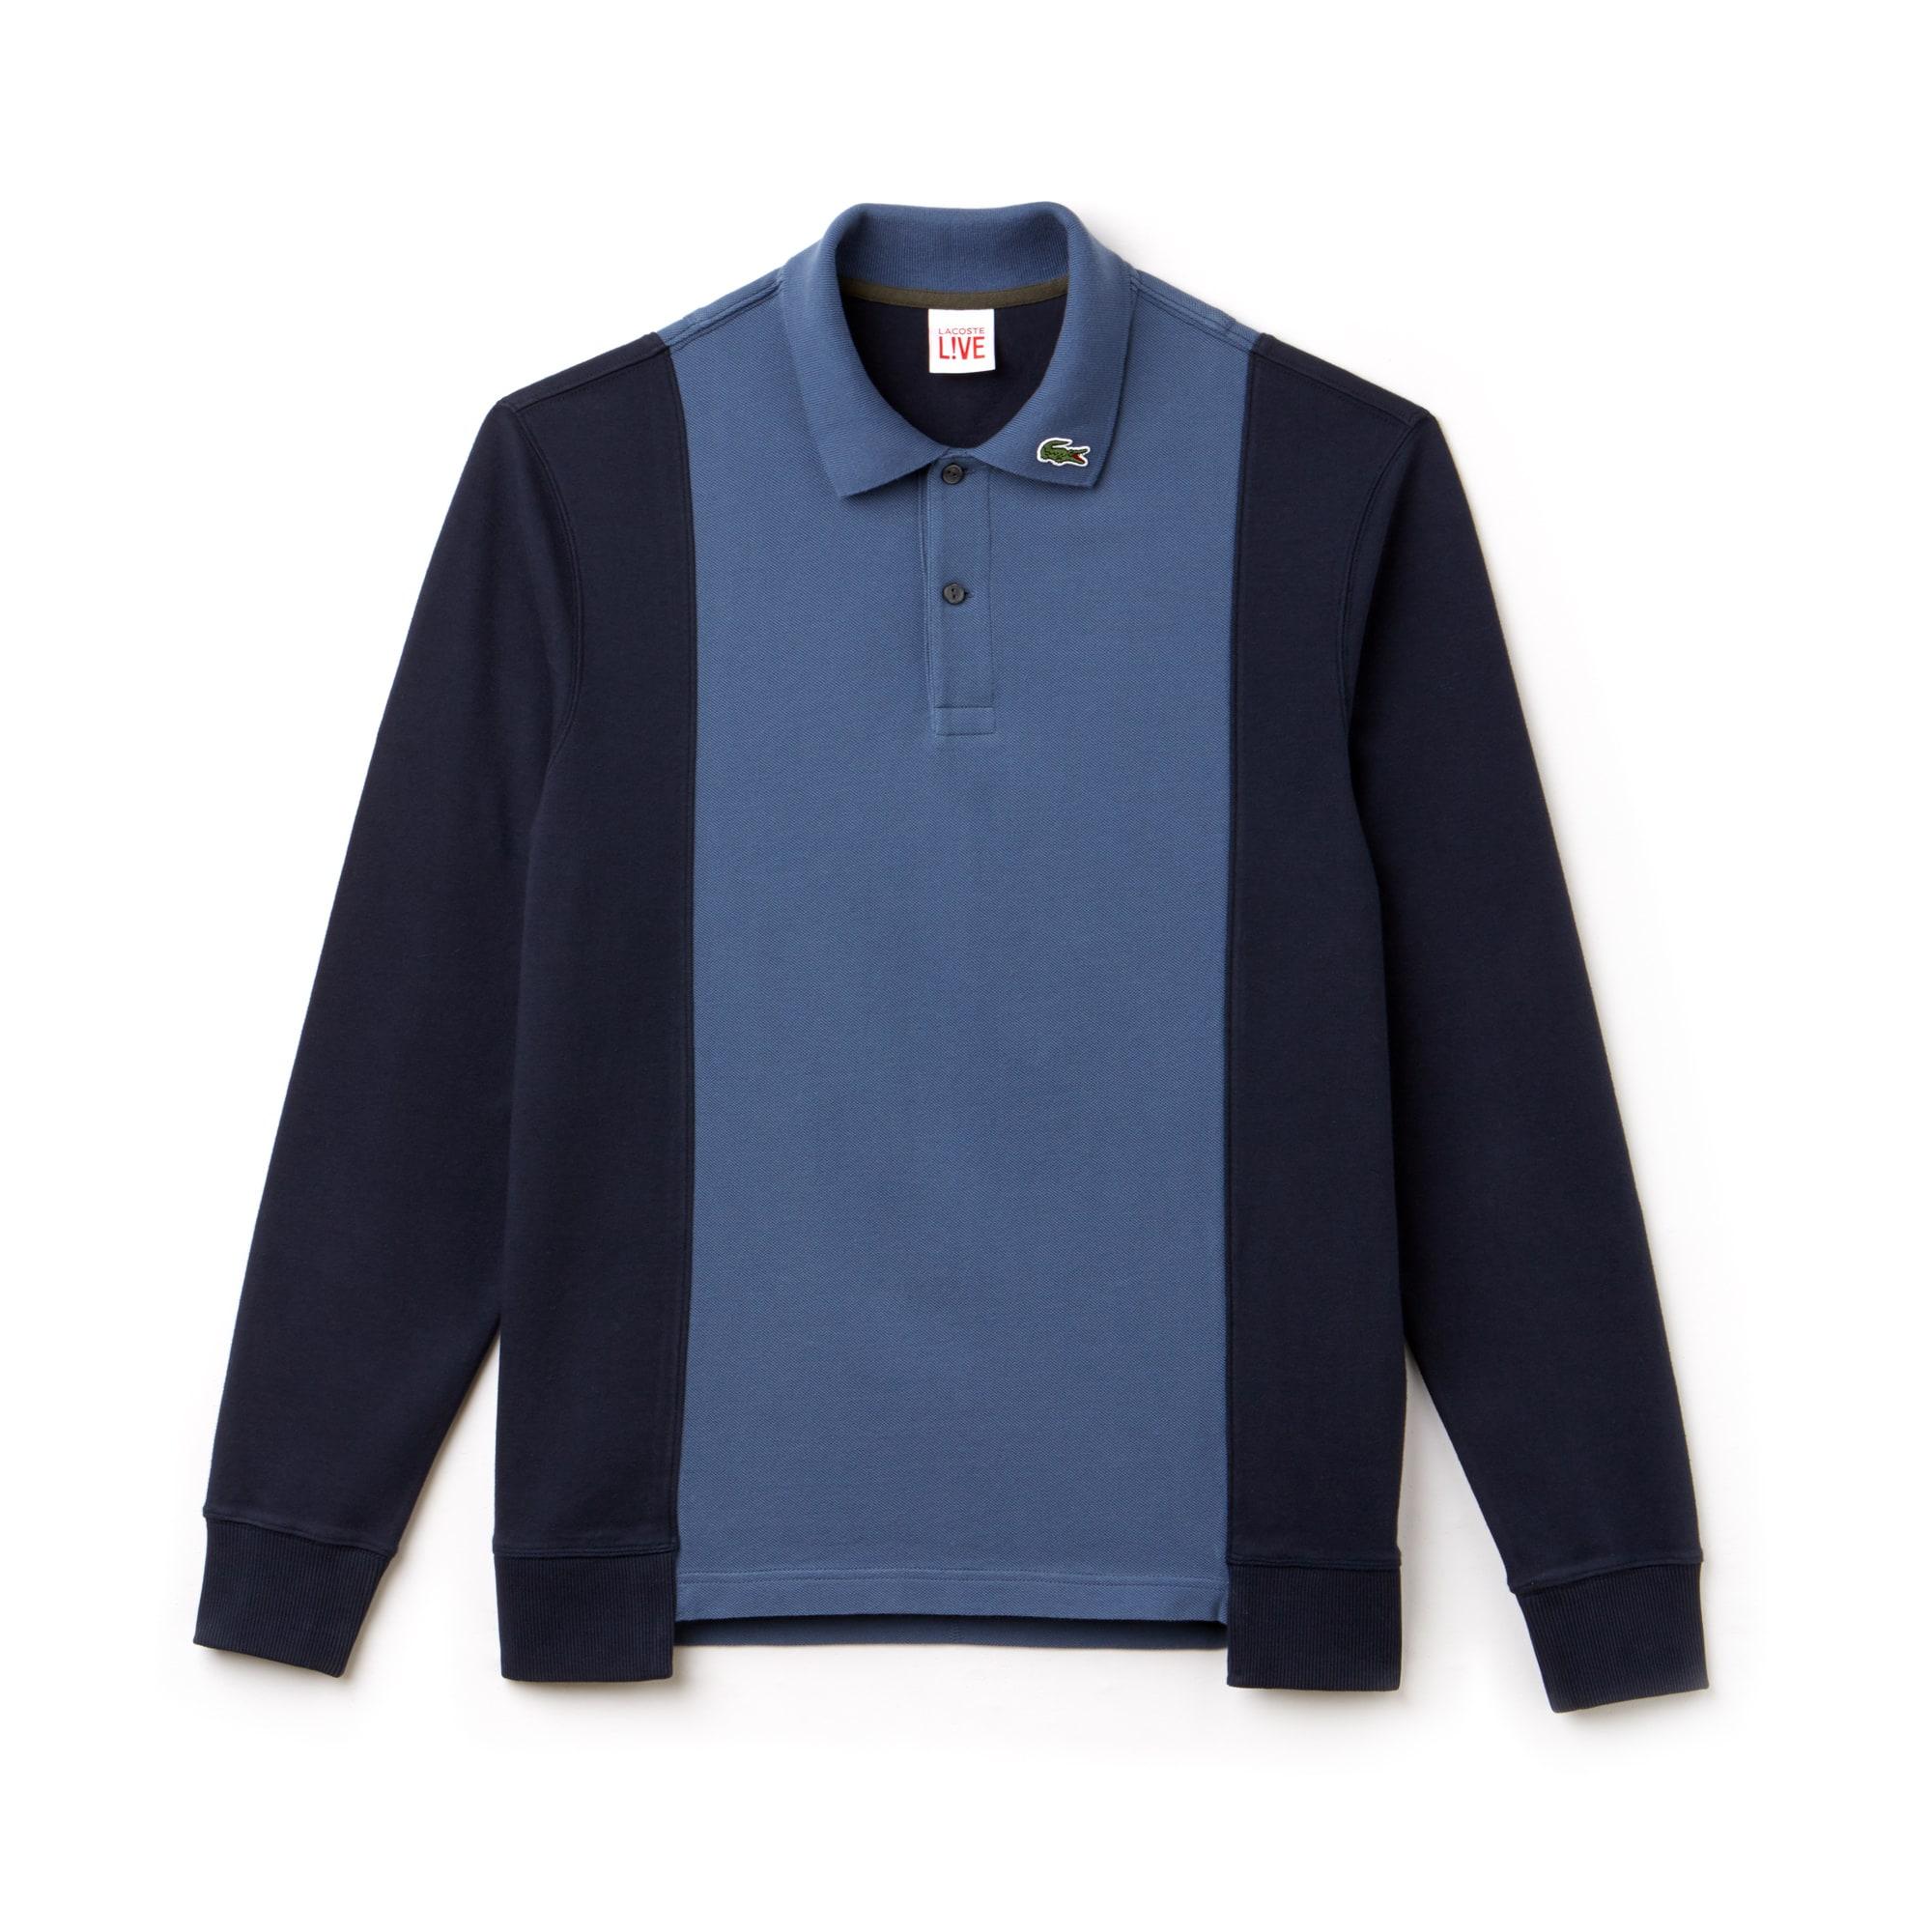 Men's LIVE Regular Fit Colorblock Piqué Polo